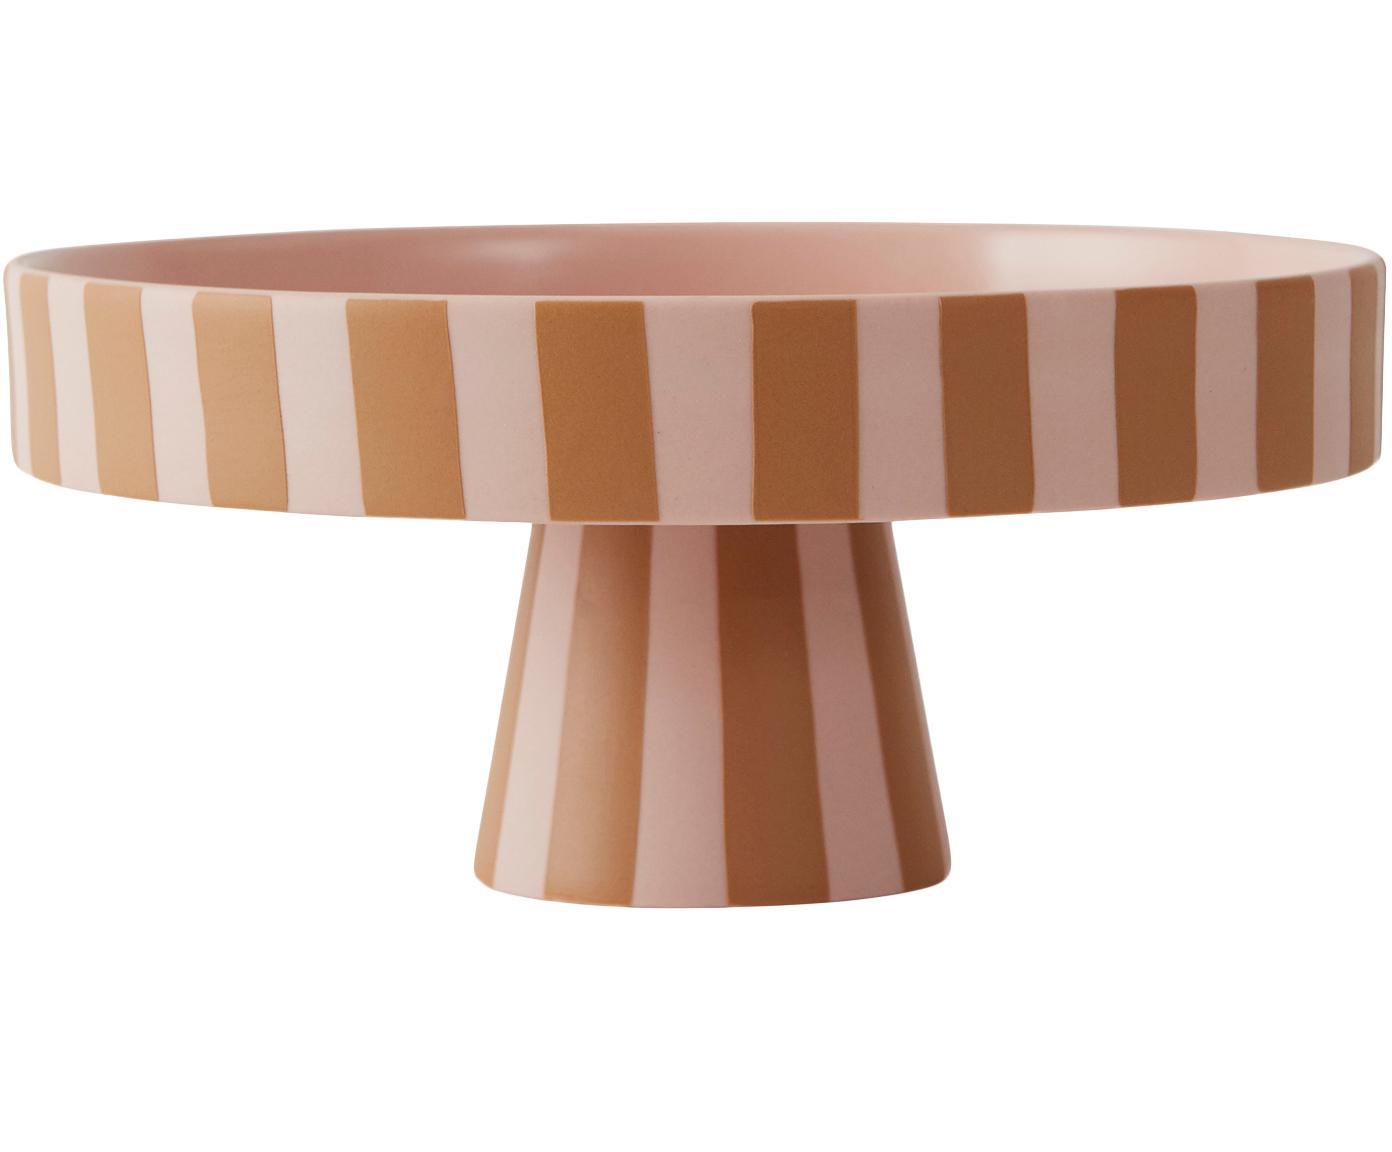 Alzata per dolci piccola Toppu, Ceramica, Marrone caramello, rosa, Ø 20 x Alt. 9 cm